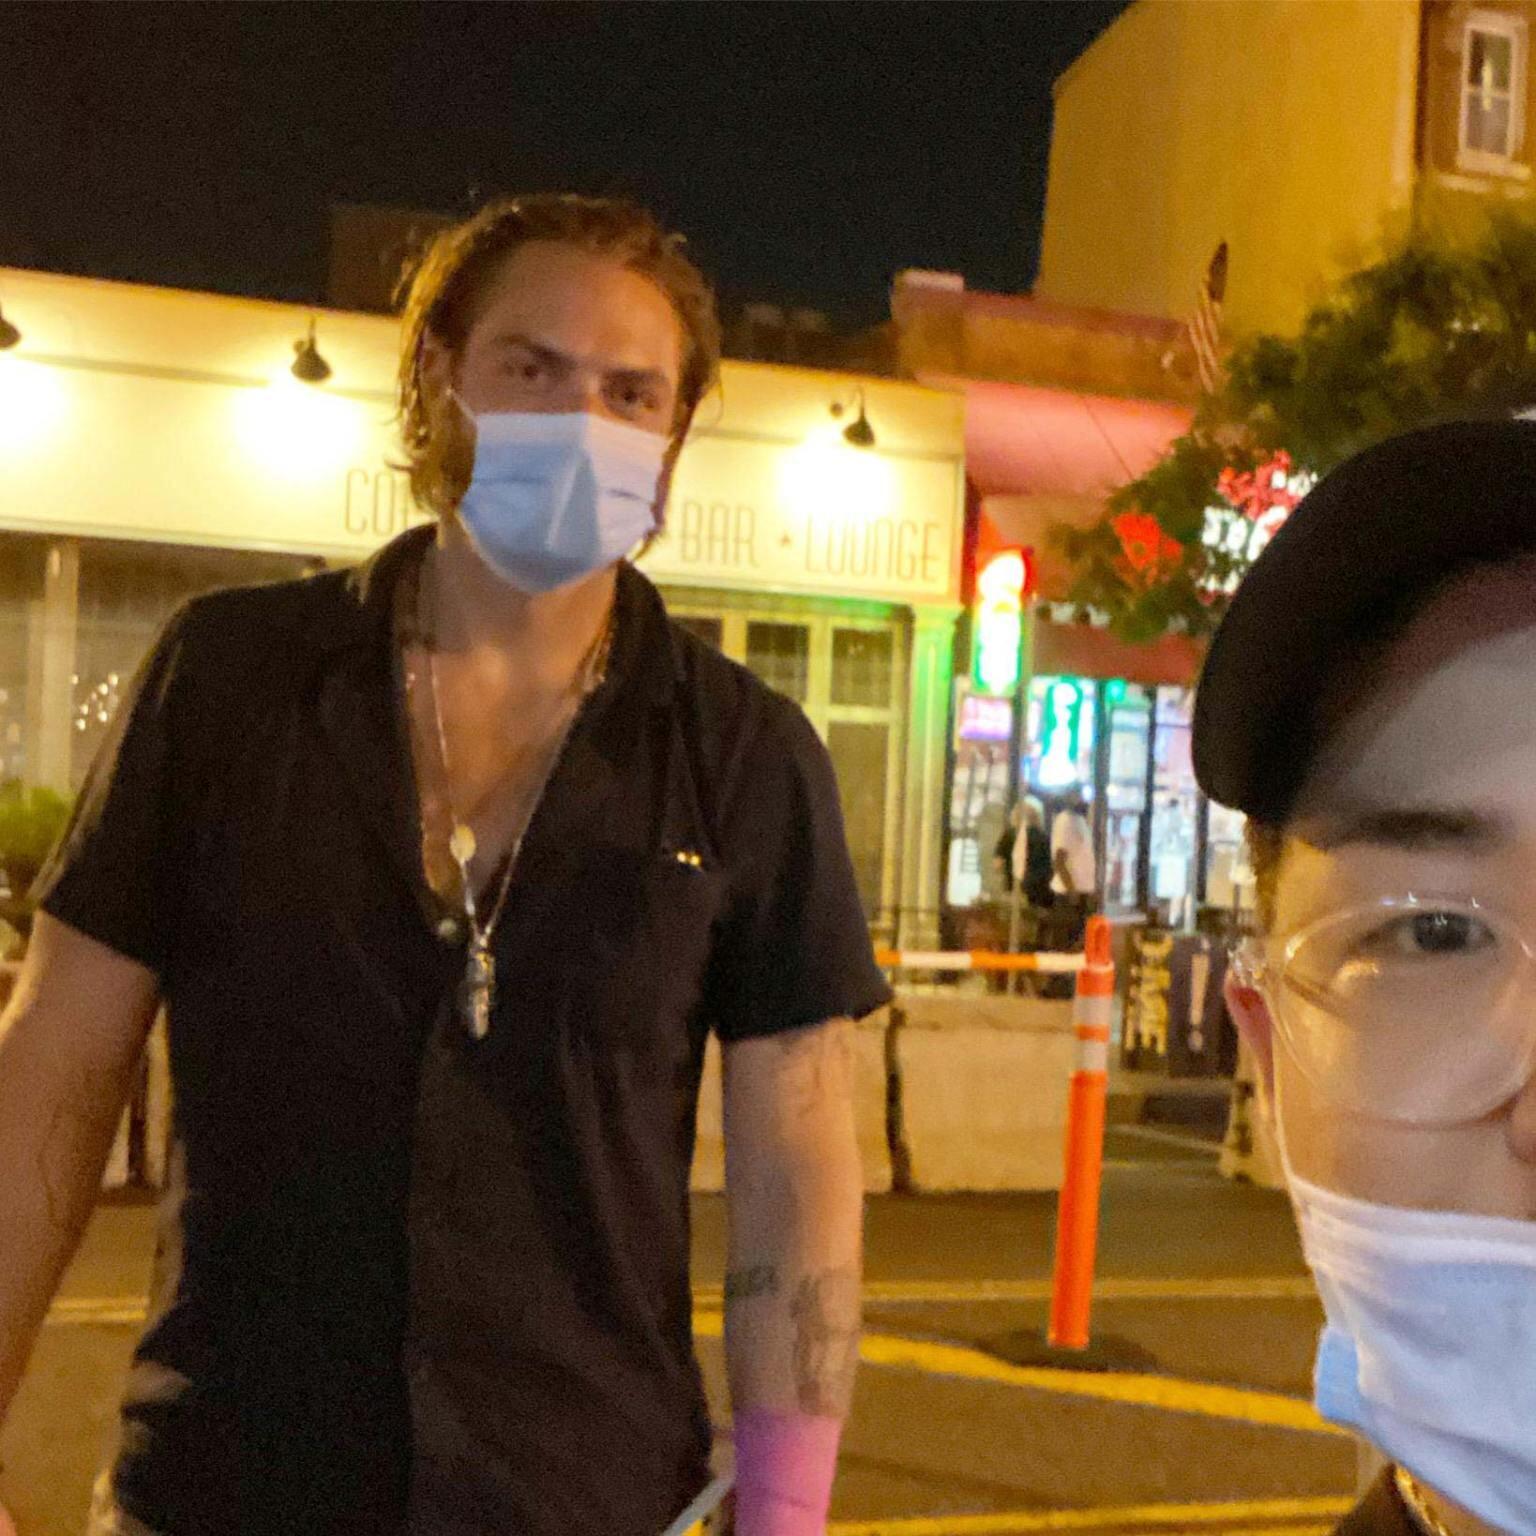 Холтби в маске сфотографировался с фанатом, соблюдая меры социального дистанцирования